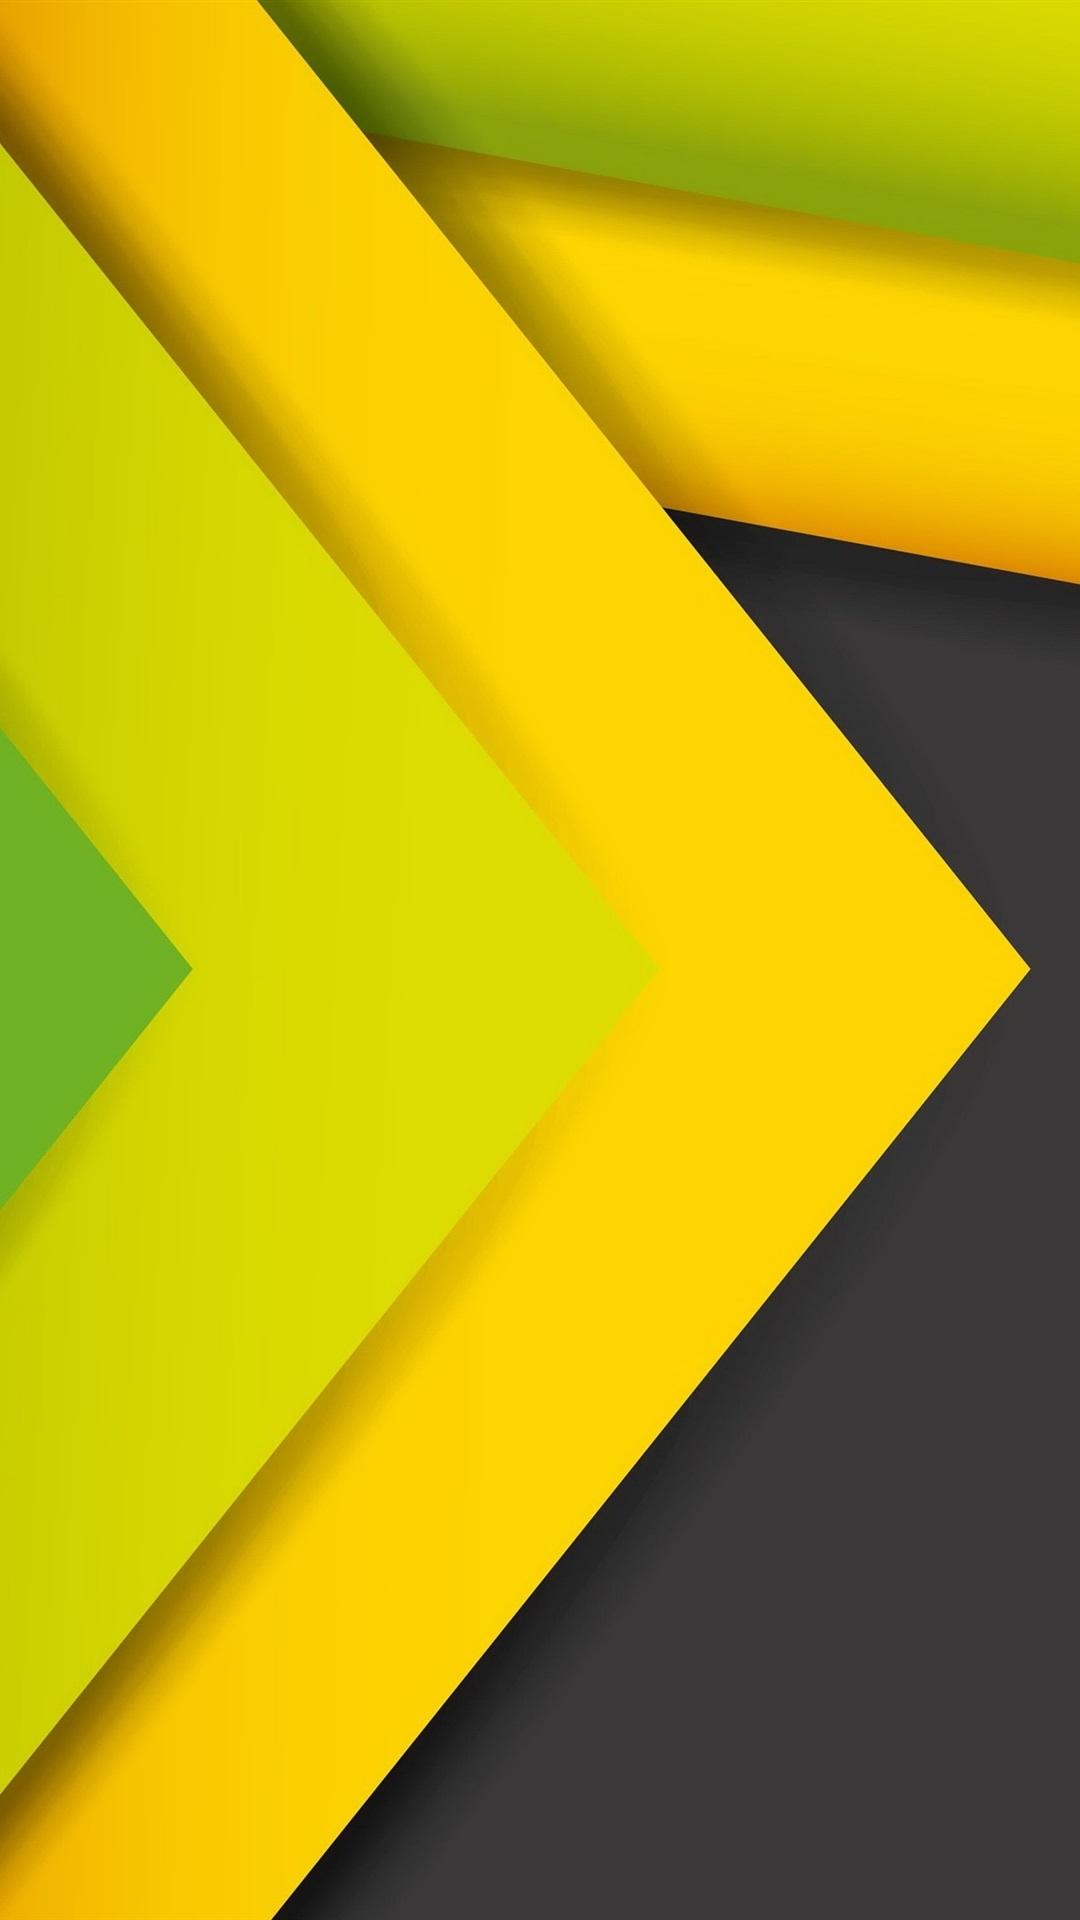 Abstrakte Linien Streifen Gelb Und Grun 3840x2160 Uhd 4k